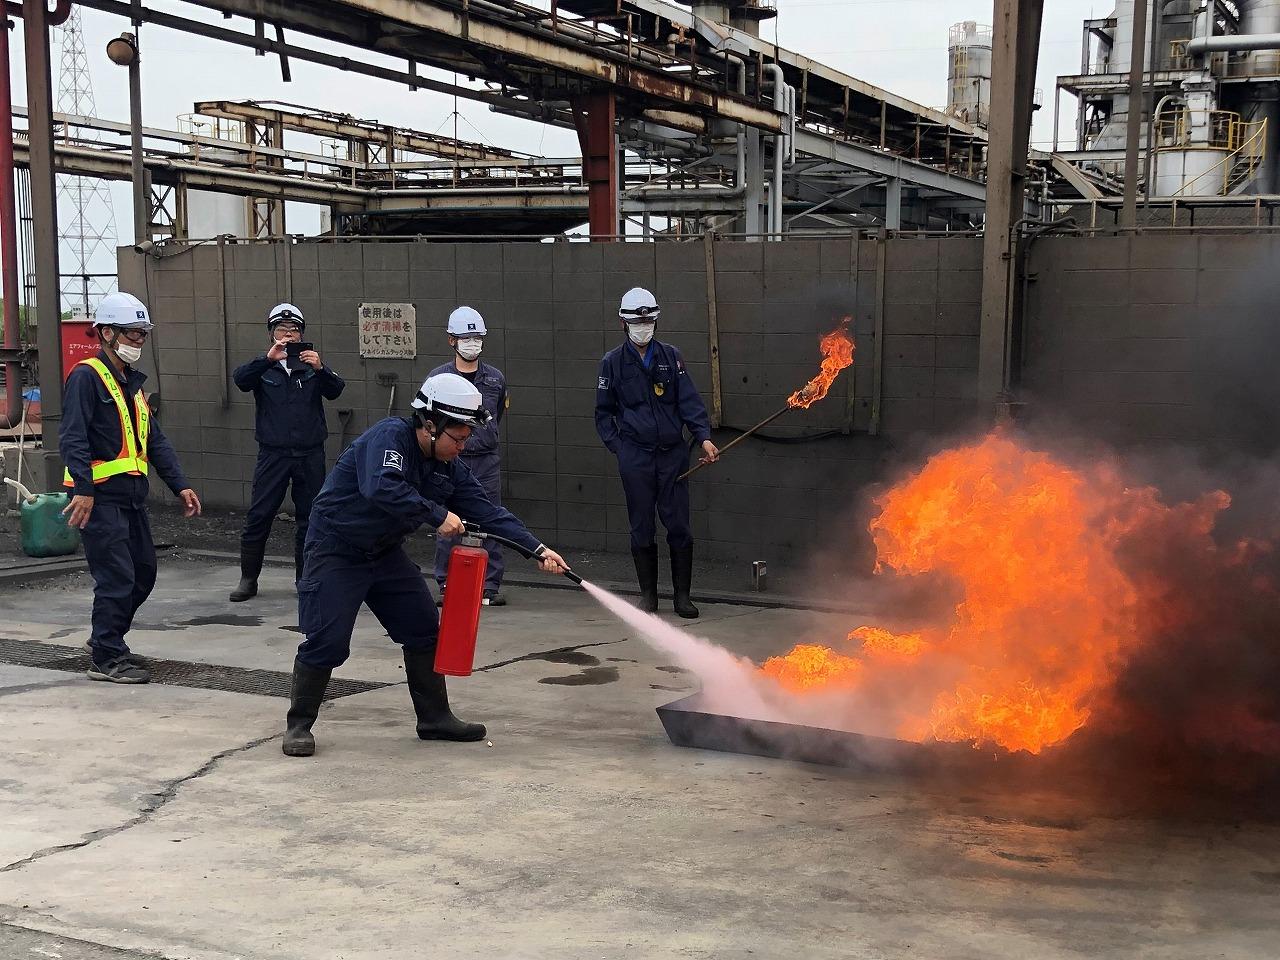 消火器を使用した訓練も実施